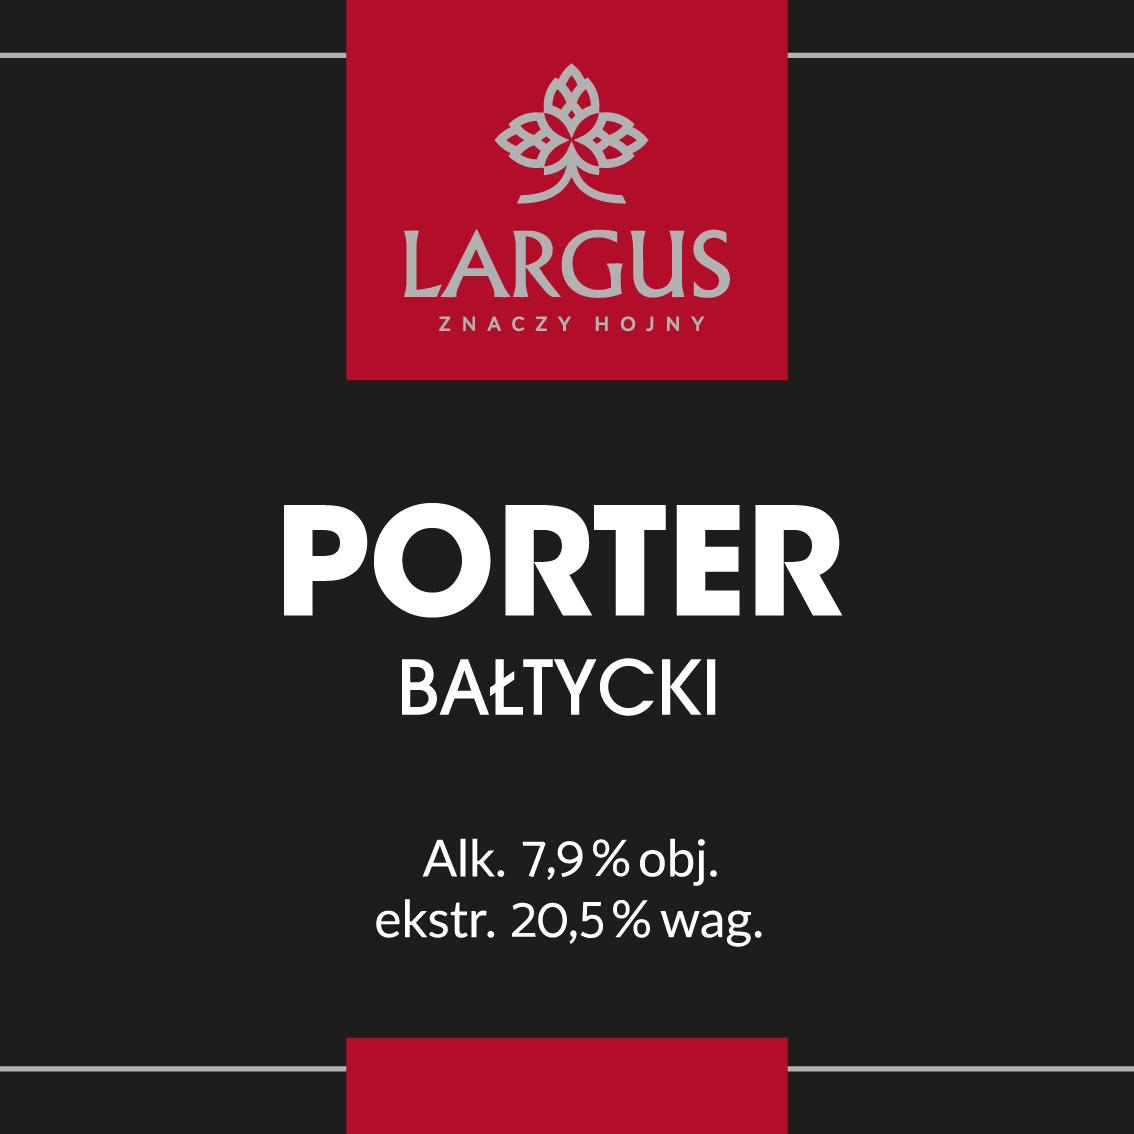 Porter Bałtycki